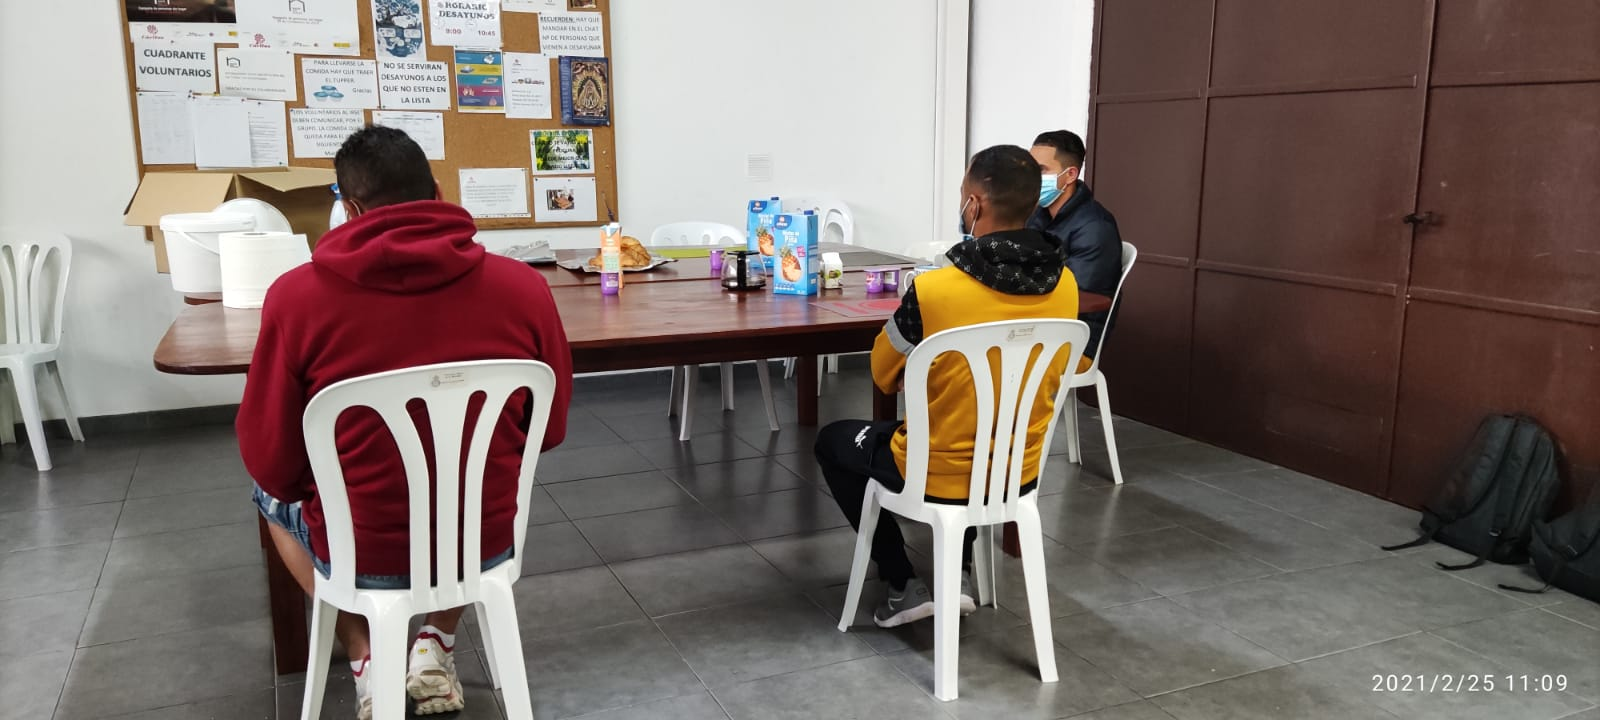 migrantes UMAC La Palma